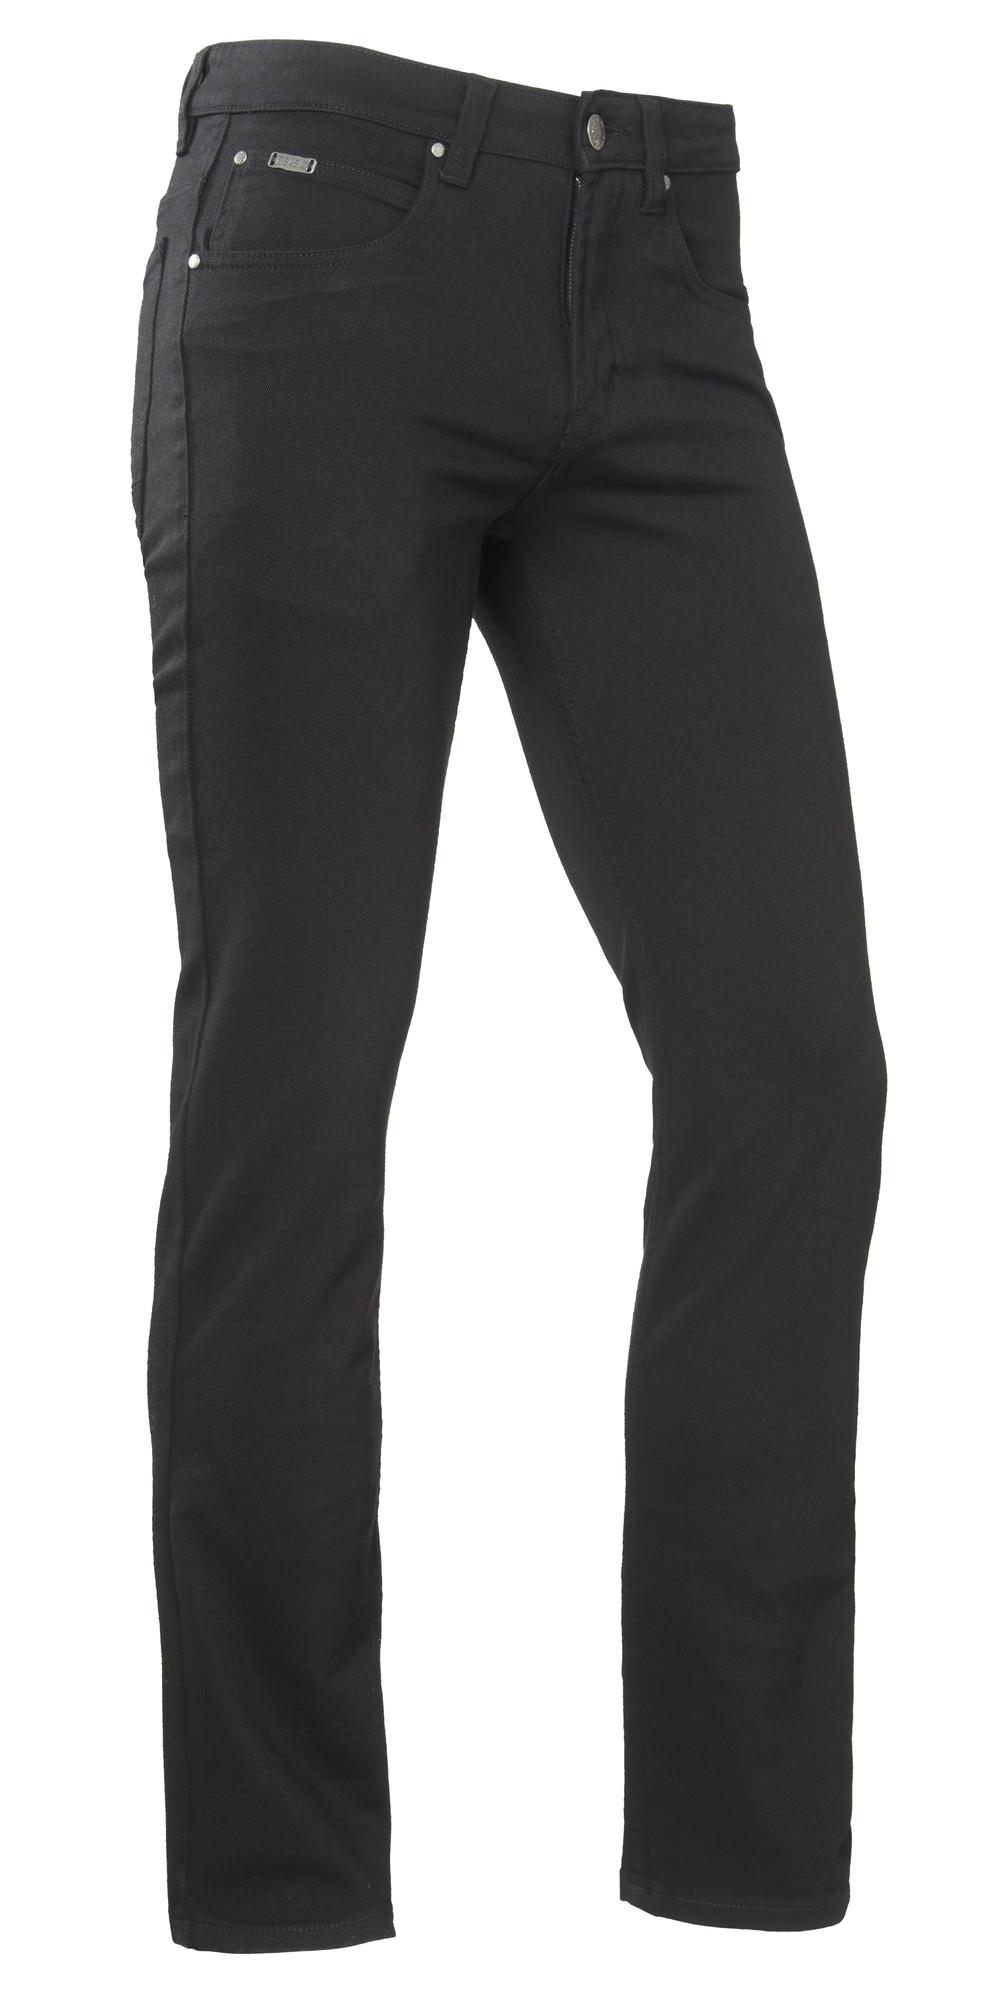 Brams Paris Danny Jeans Stretch (D51 Black Twill) W29-L30